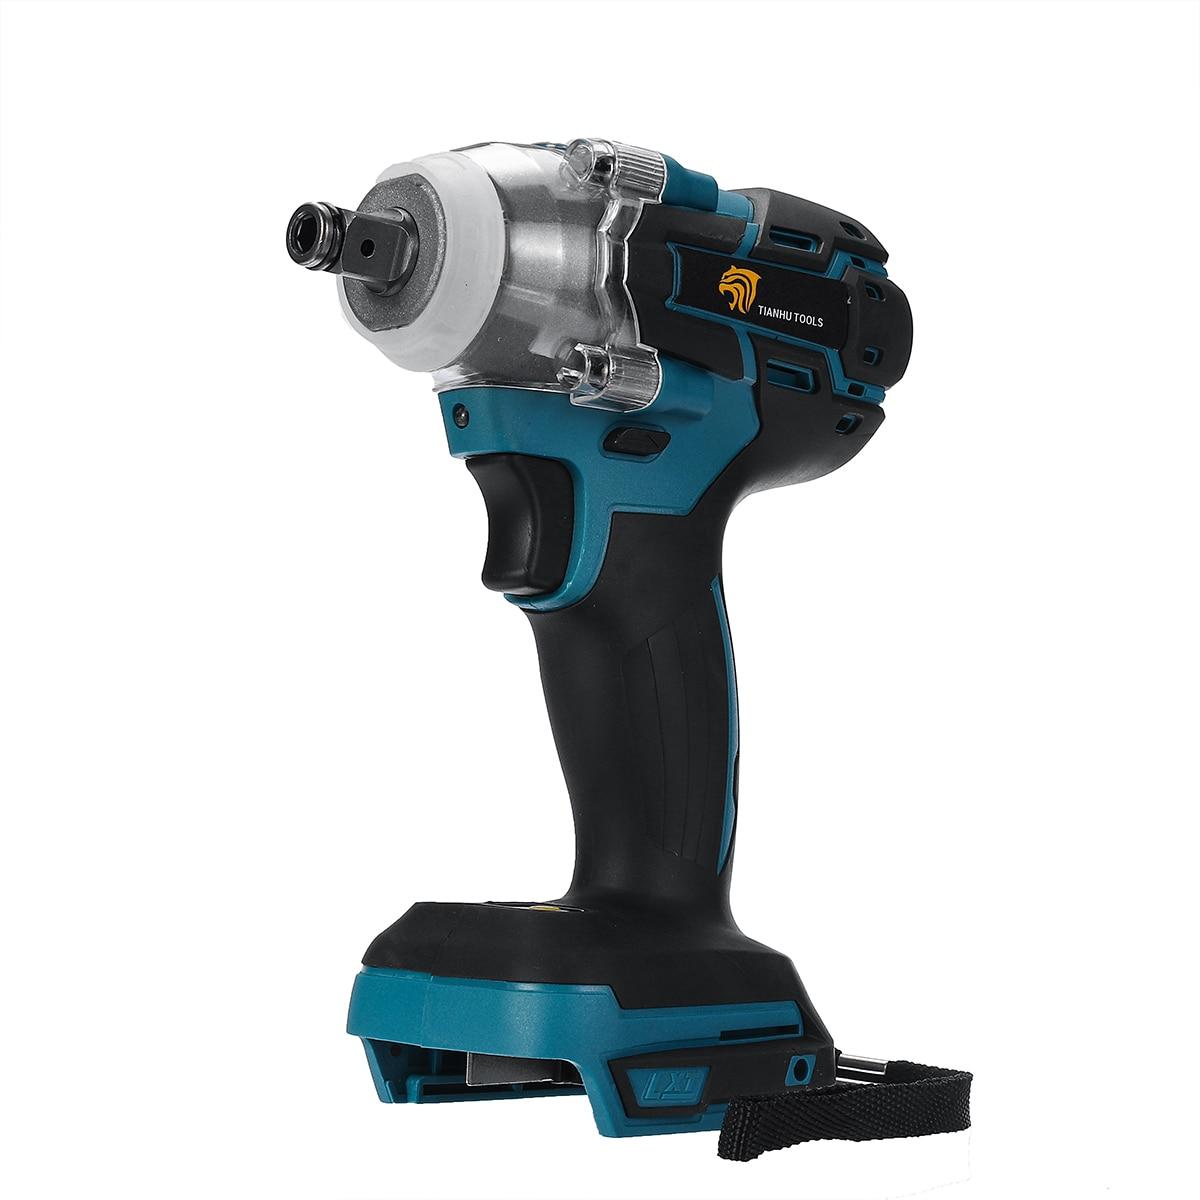 18V 520Nm eléctrico recargable sin escobillas Llave de impacto inalámbrico 1/2 llave de enchufe herramienta eléctrica para batería Makita DTW285Z